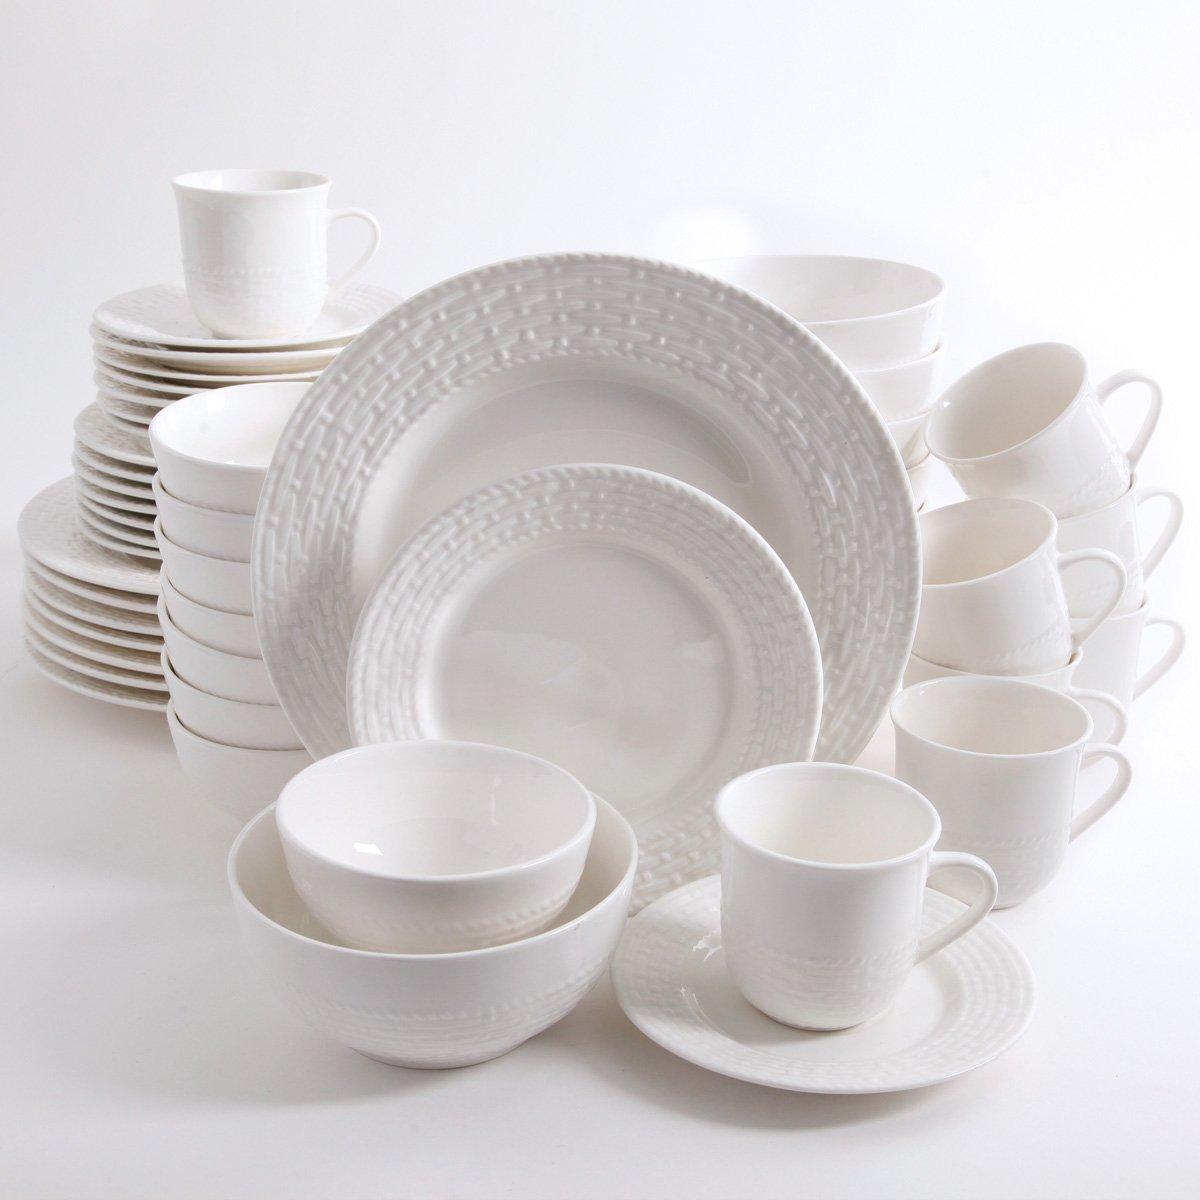 Vajilla de cer mica blanca 48 piezas noble sears com mx for Vajilla ceramica